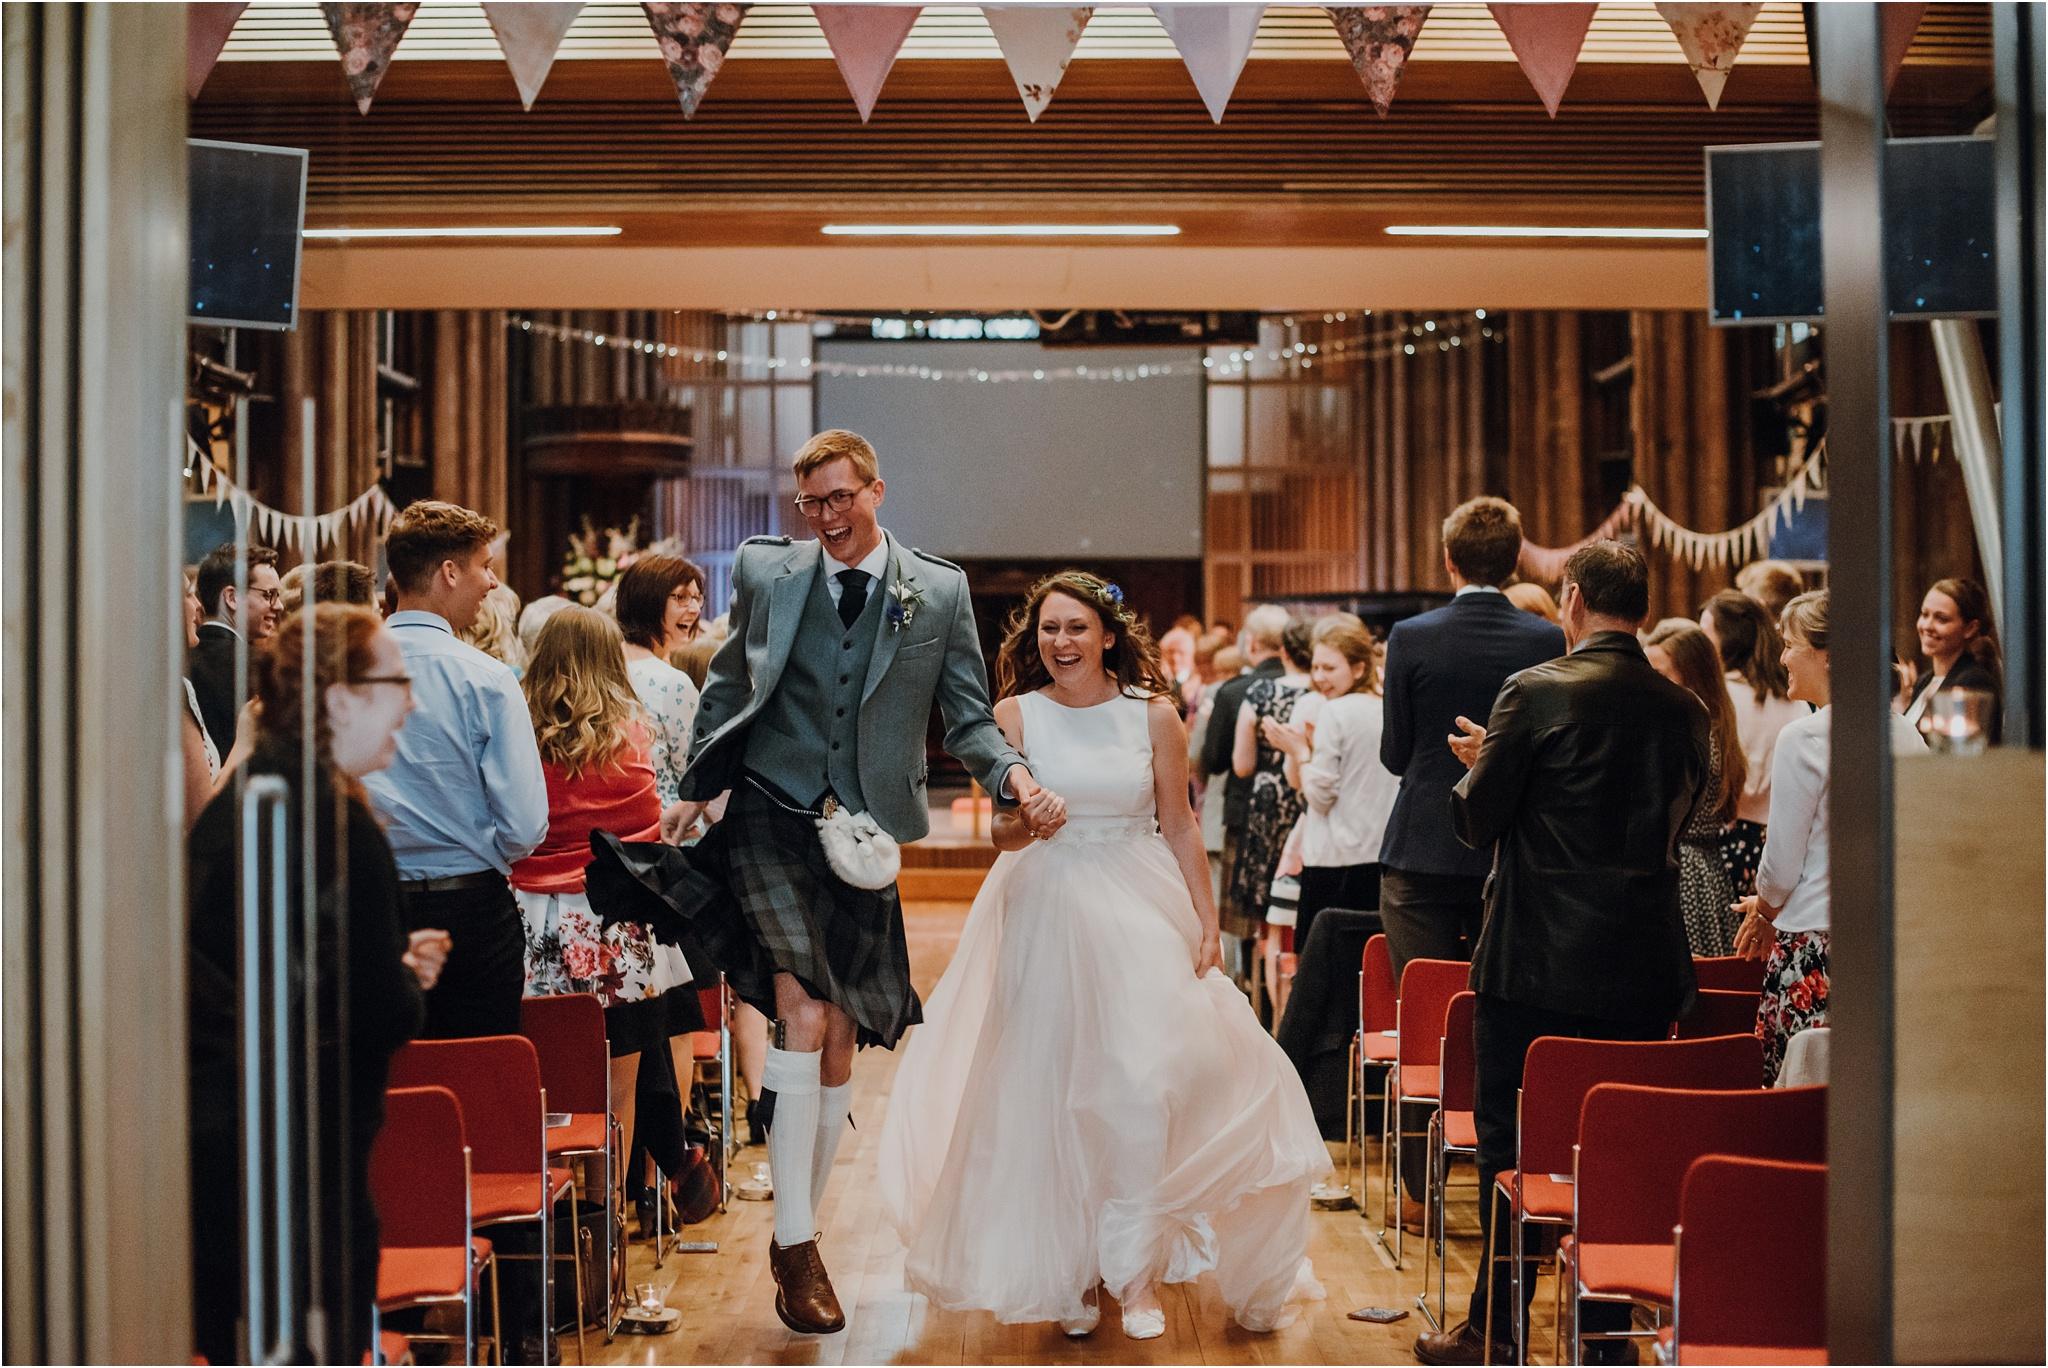 Edinburgh-barn-wedding-photographer_49.jpg